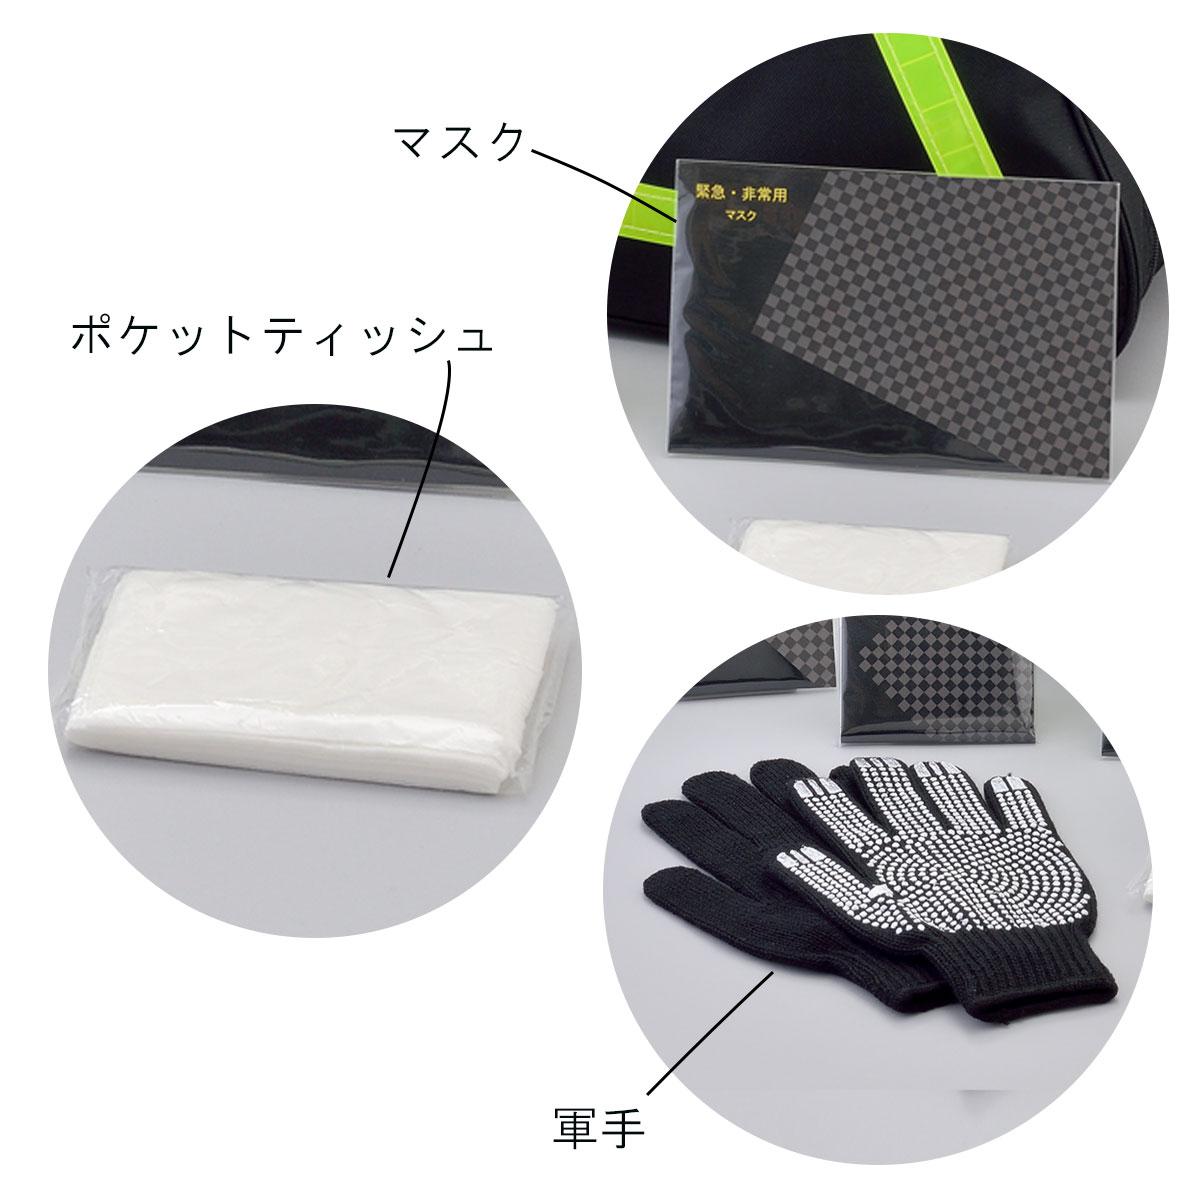 ブラックピラミッドバッグ 非常用防災6点セット